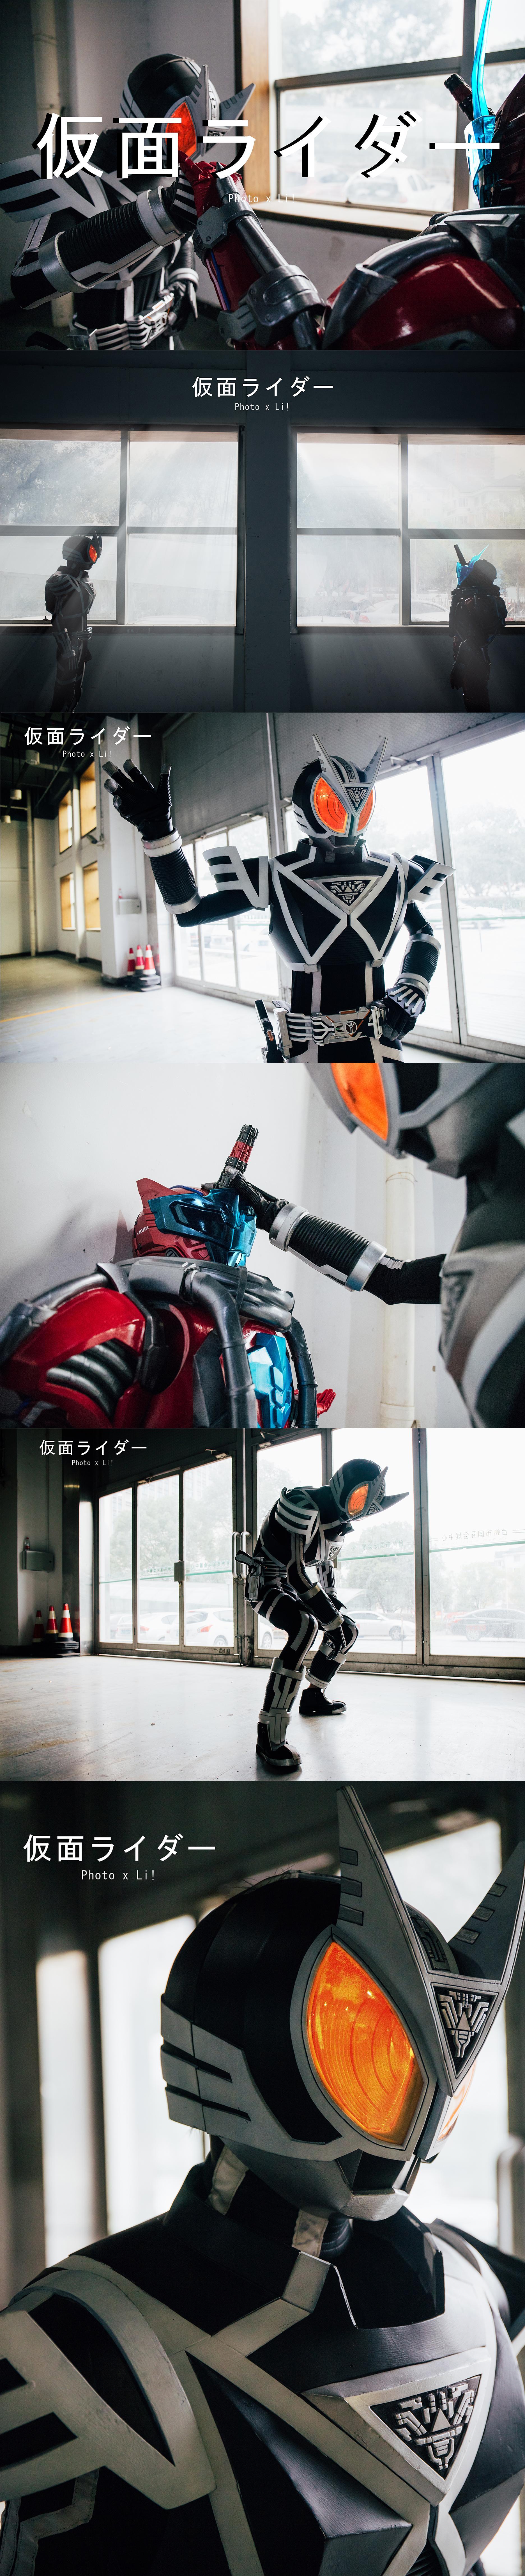 《假面骑士》漫展cosplay【CN:你的Li】-第2张